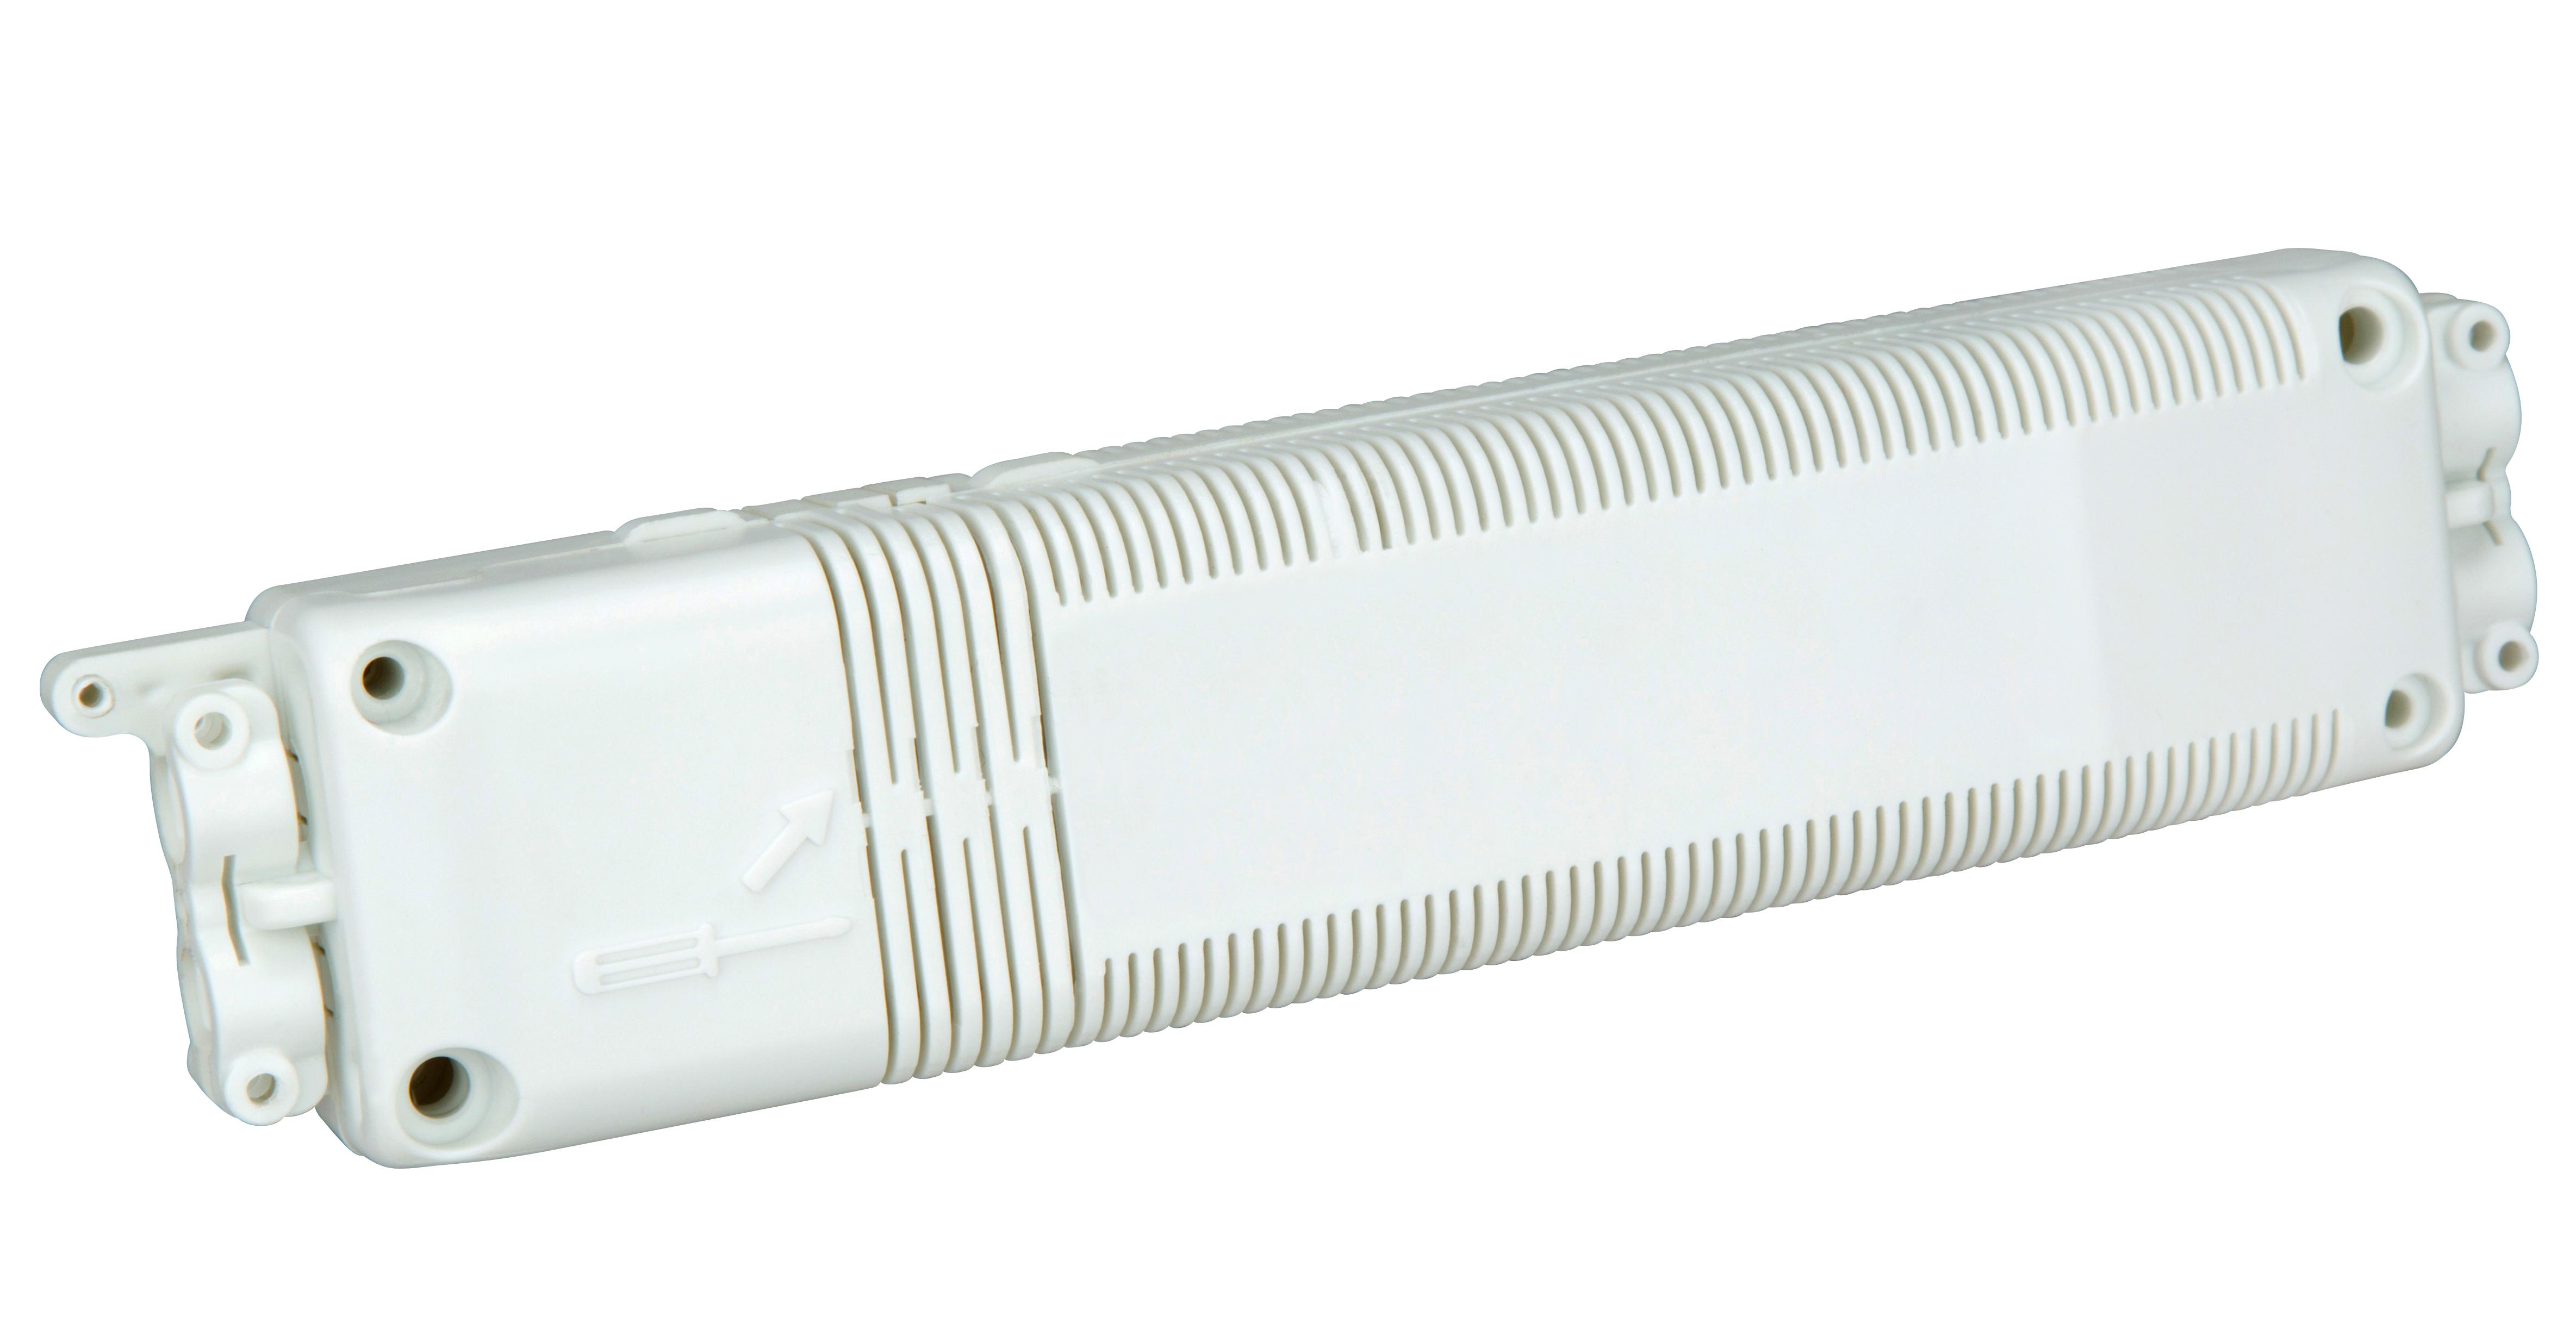 Umhausung für EVG, PC+ABS, UV-Schutz, schwer entflammbar